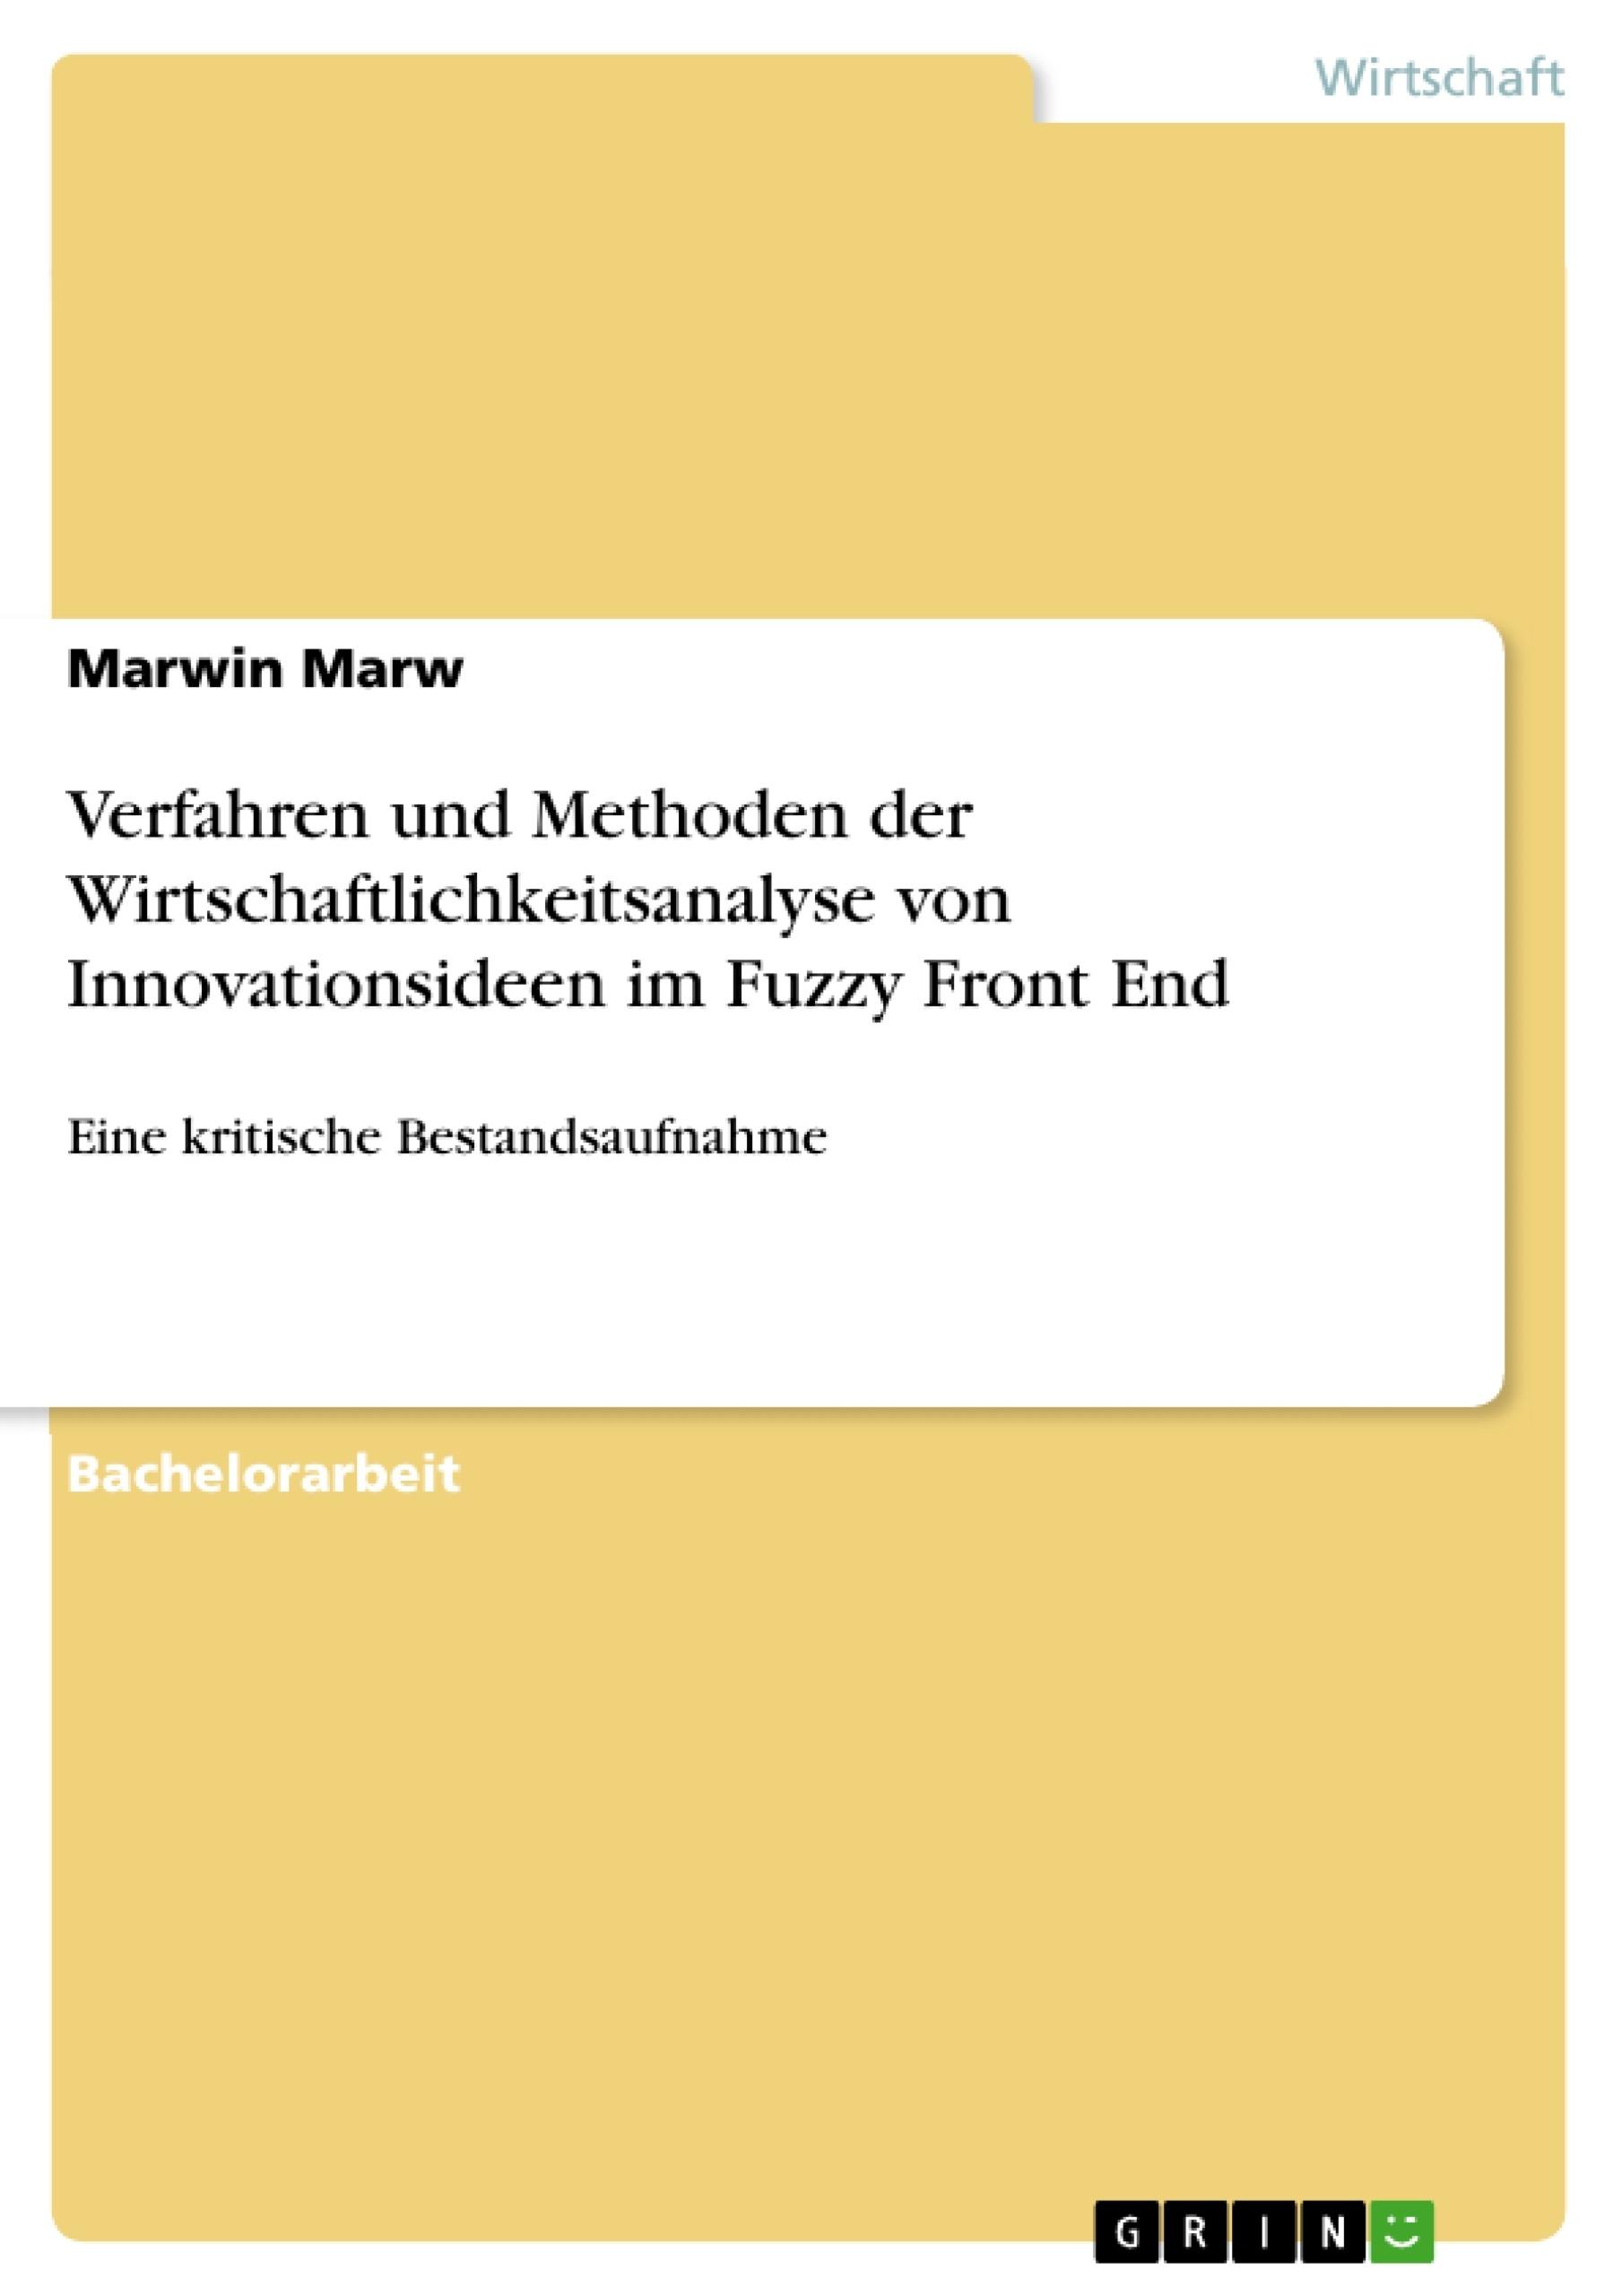 Titel: Verfahren und Methoden der Wirtschaftlichkeitsanalyse von Innovationsideen im Fuzzy Front End